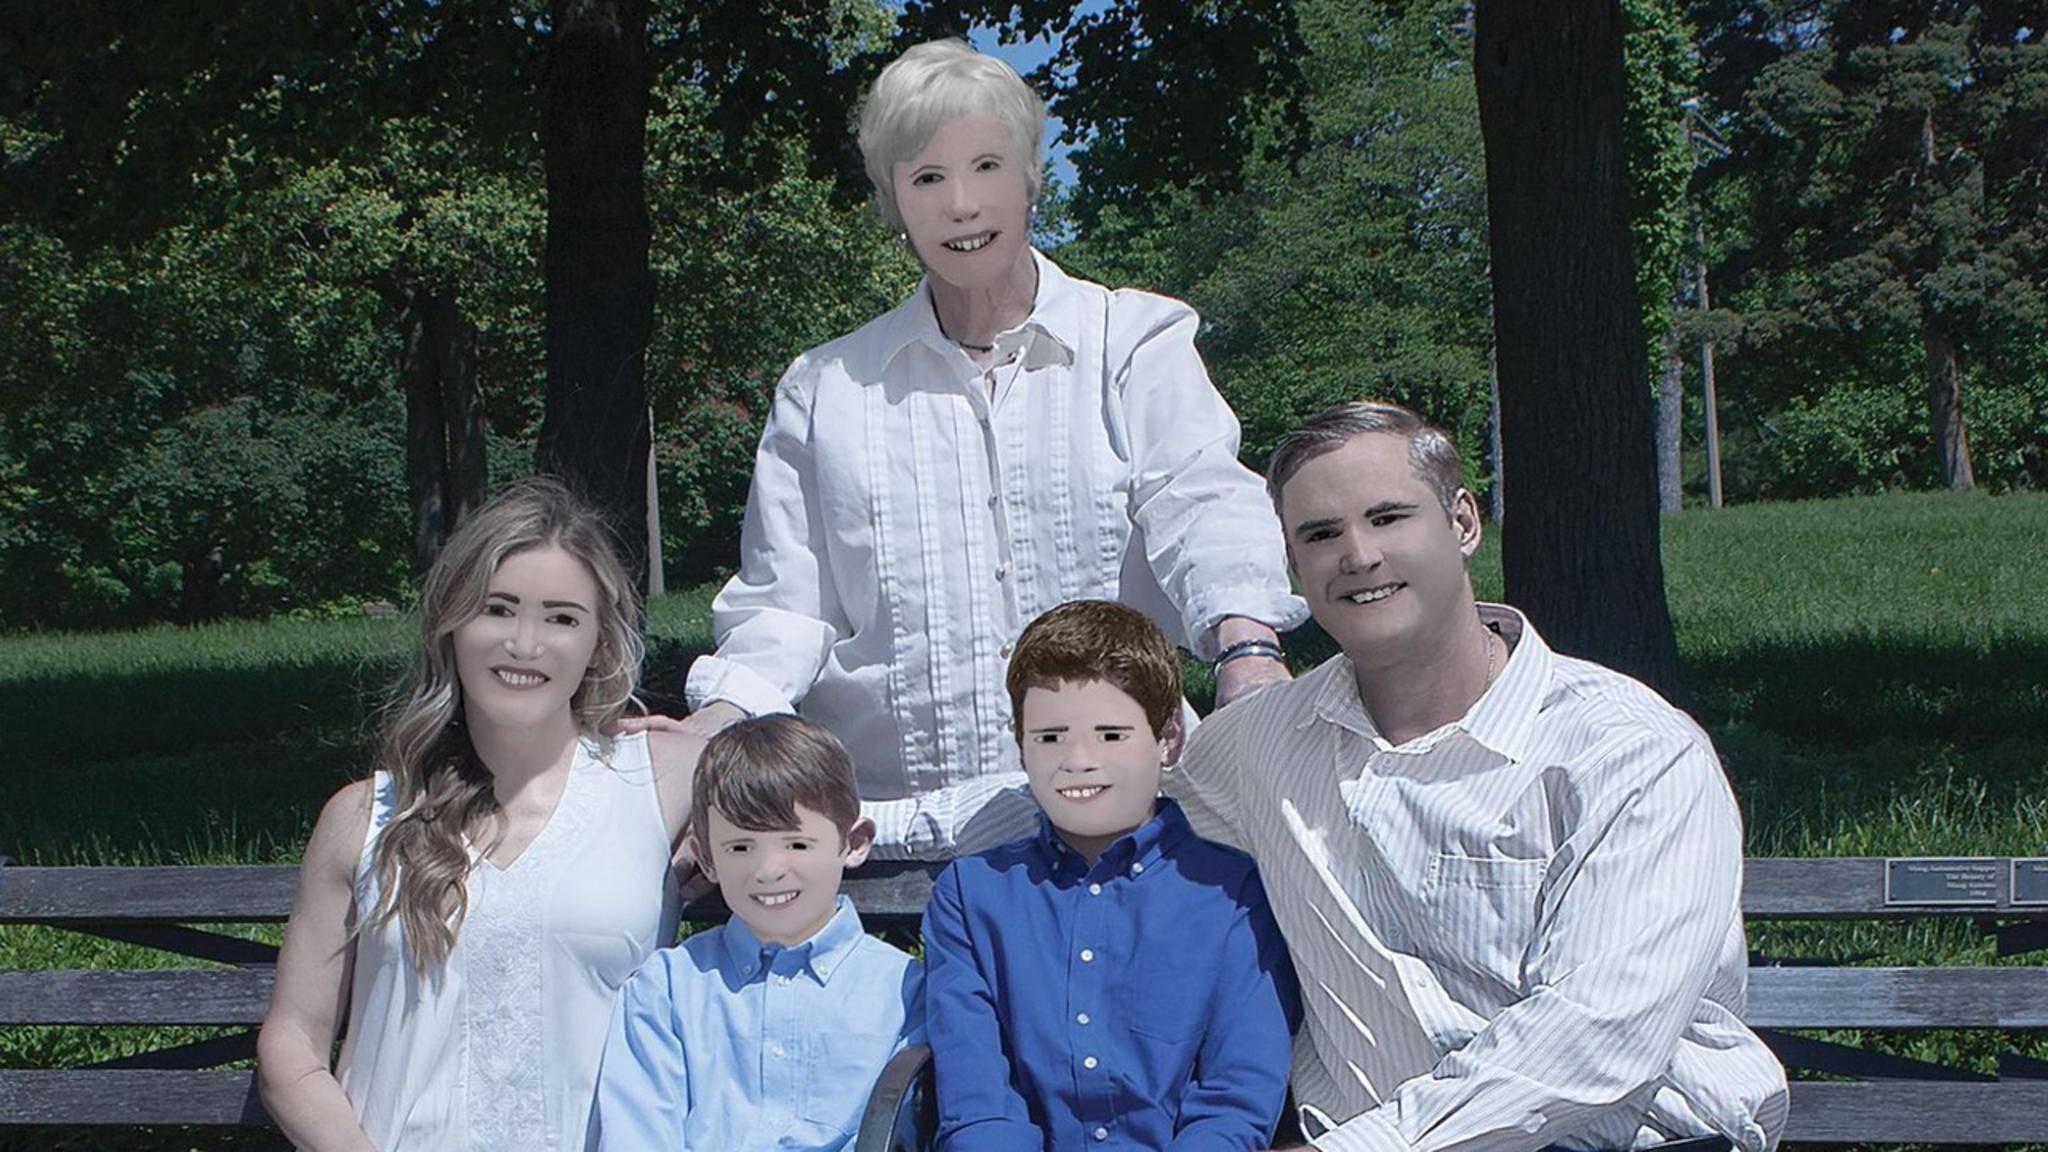 Ja, für diese Bilder hat die Familie eine Fotografin beauftragt.